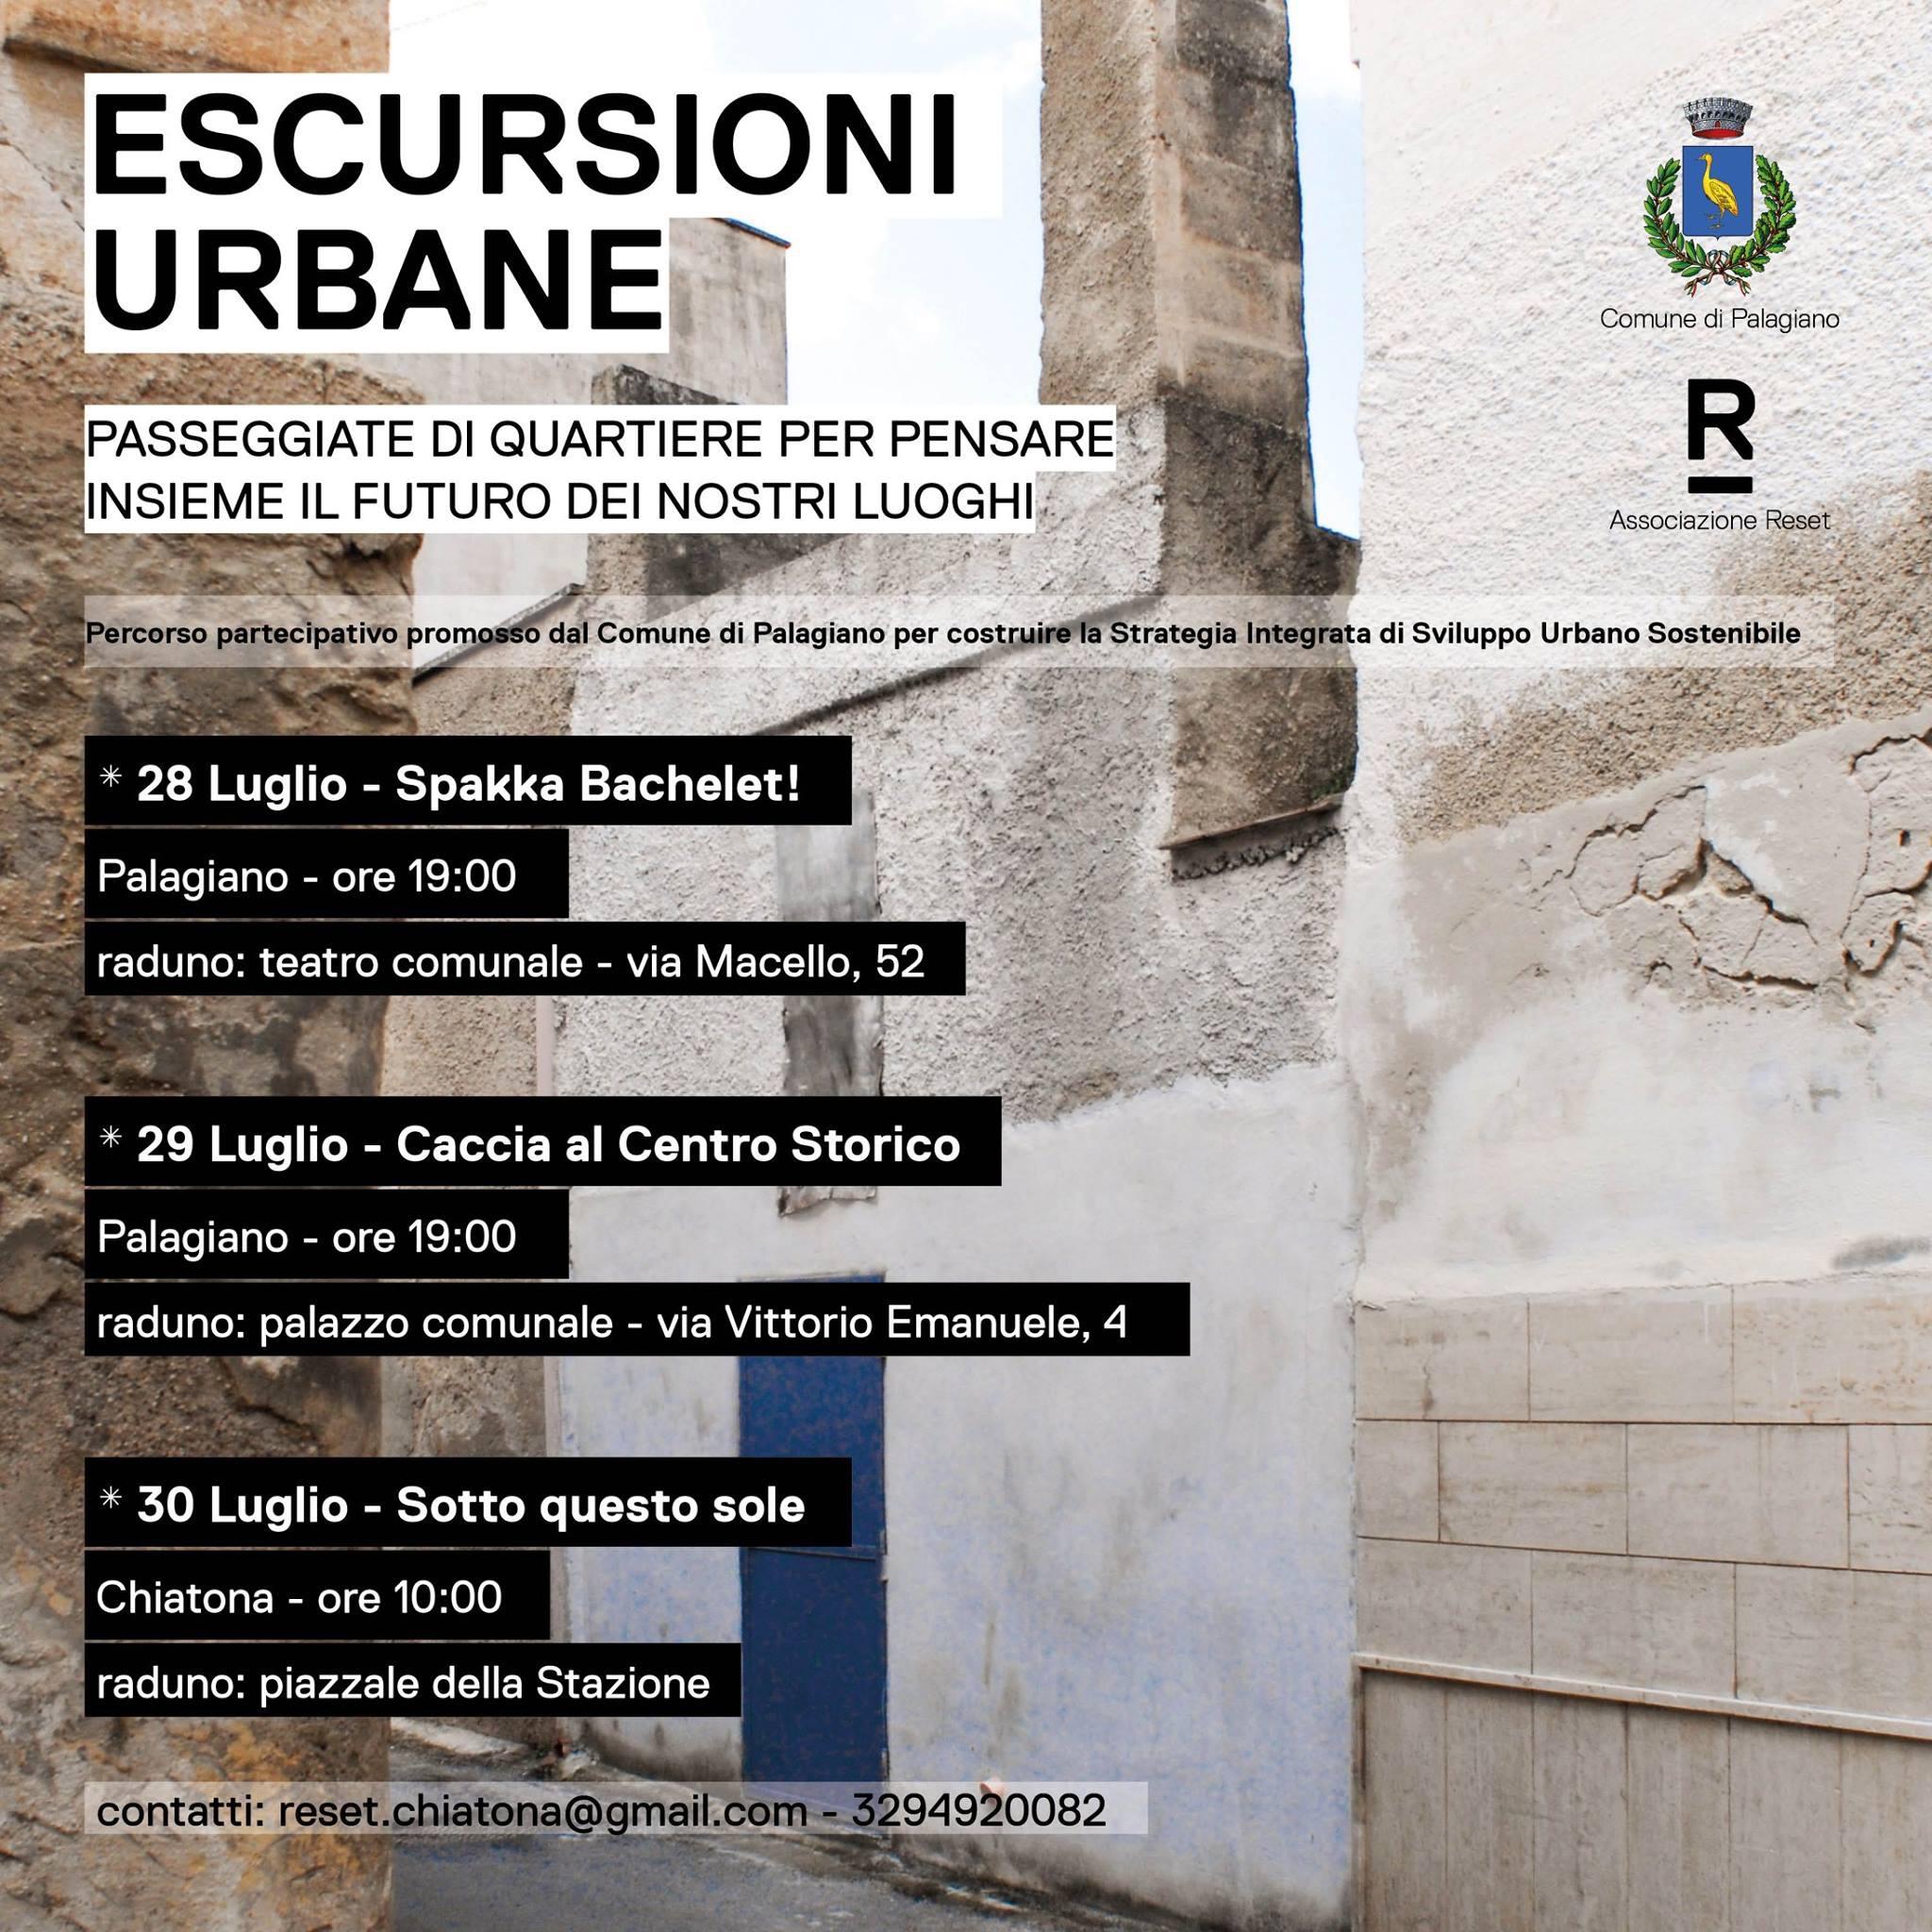 ESCURSIONI URBANE Palagiano 28-29-30 luglio